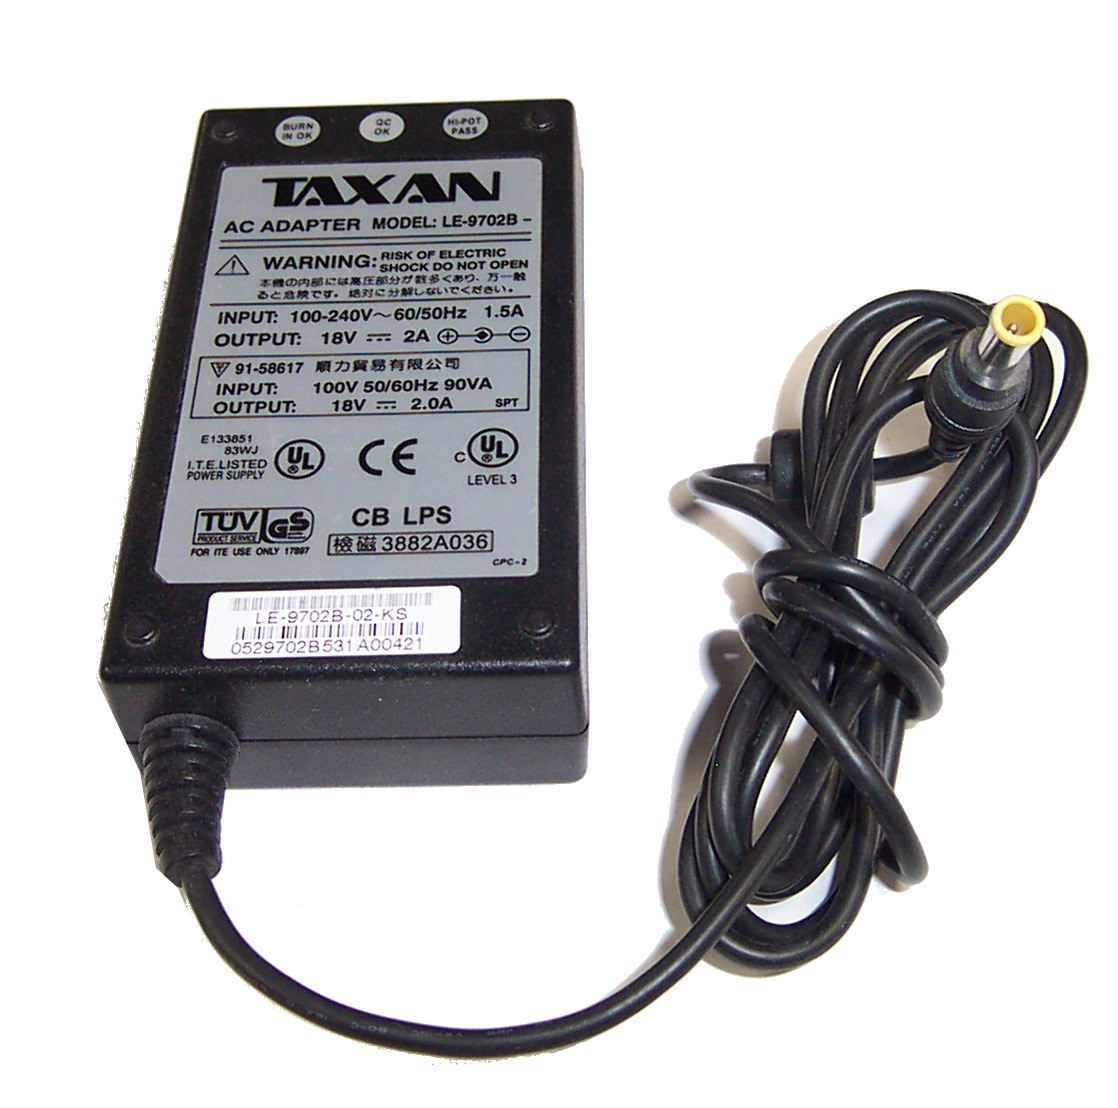 Taxan LE-9702B-02-KS 18V 2A AC Adapter- 7.5mm Barrel Connector